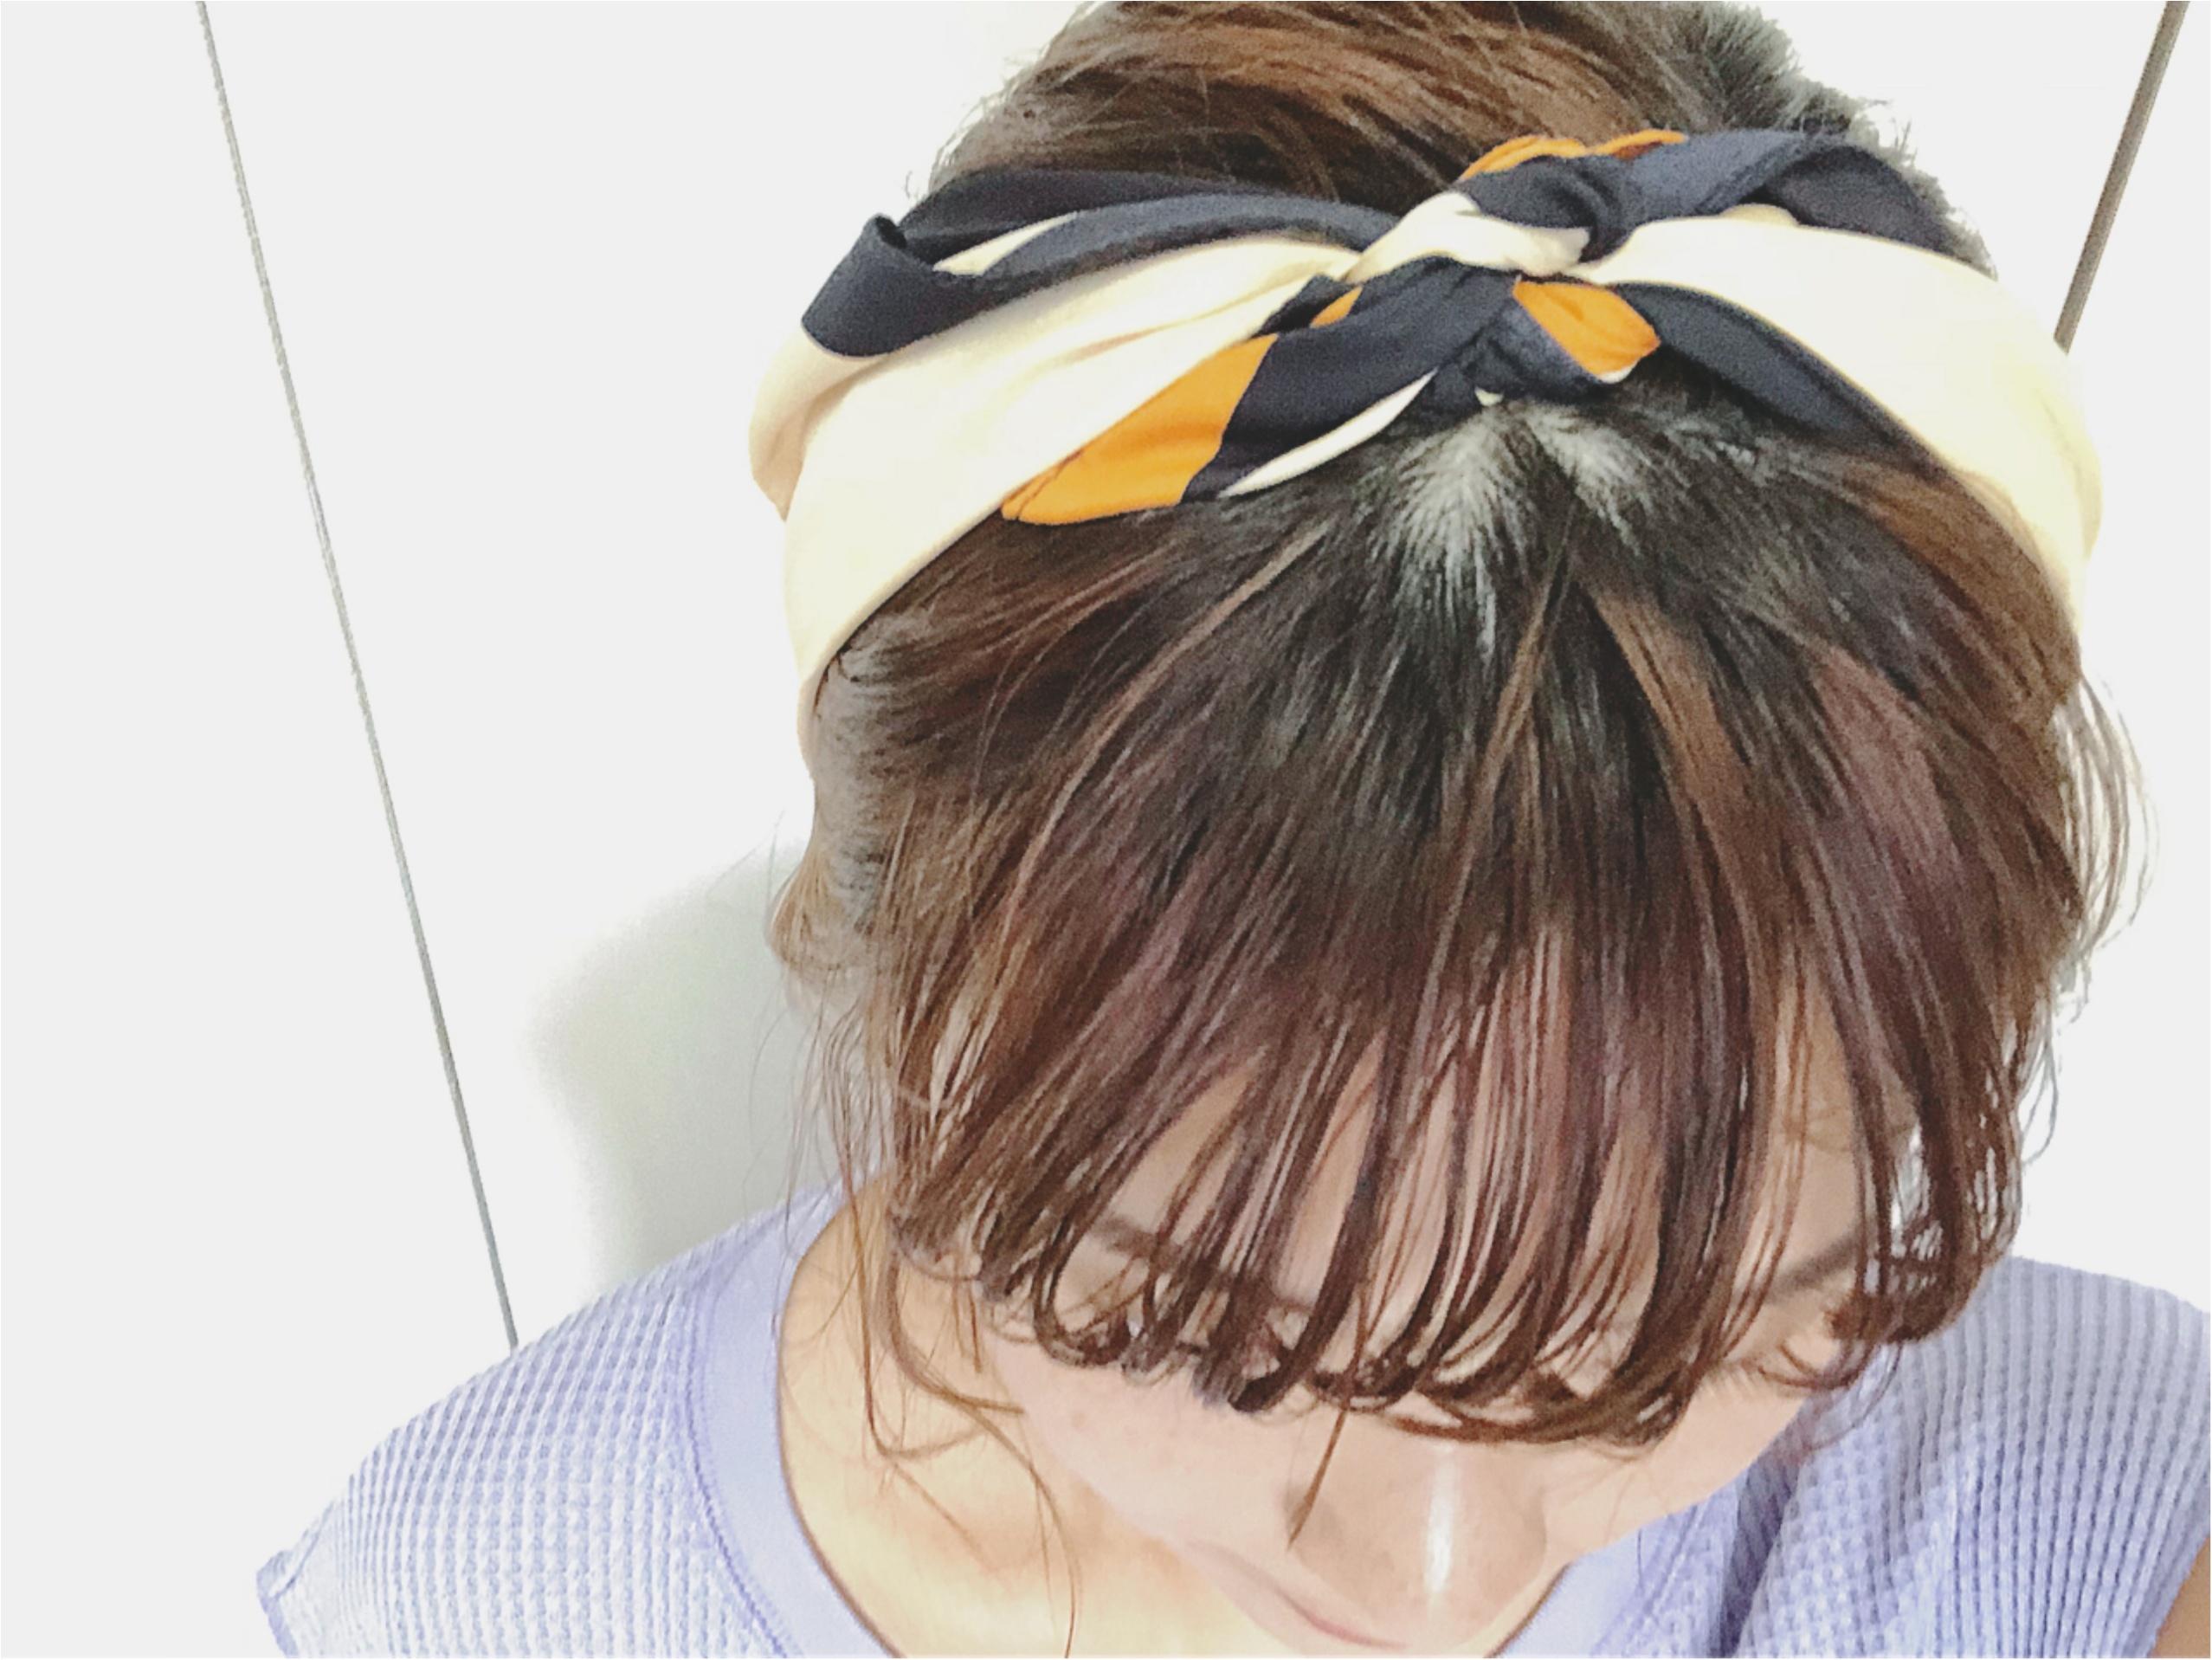 《トレンドアイテムで1分ヘアアレンジ》暑い日にも忙しい朝にも【スカーフ】がお役立ち❤️_7